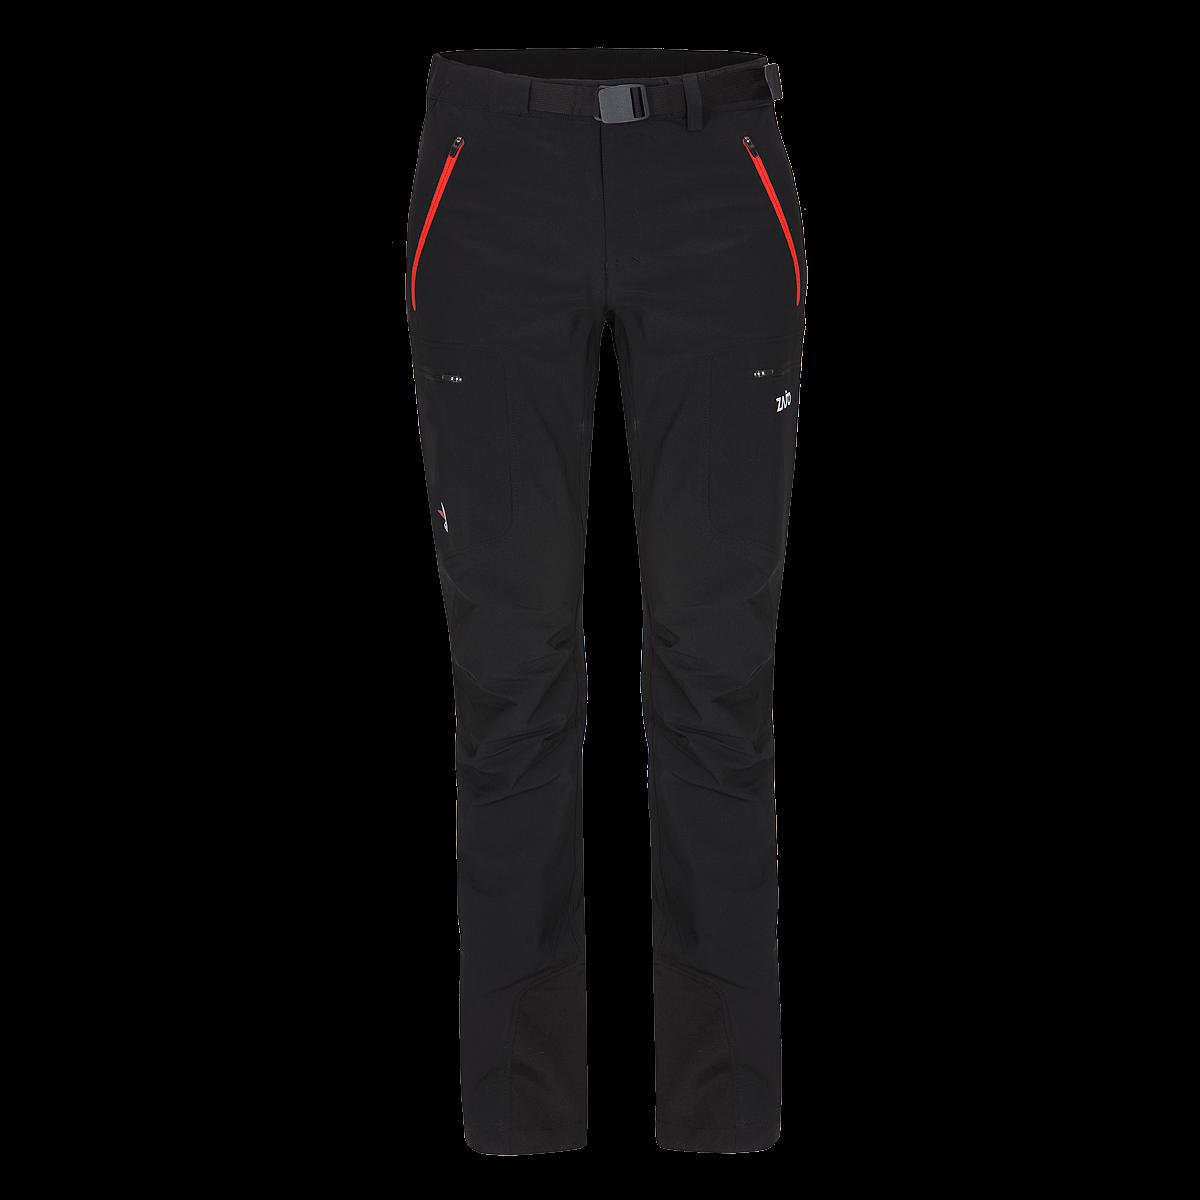 Zajo Air LT Pants 2